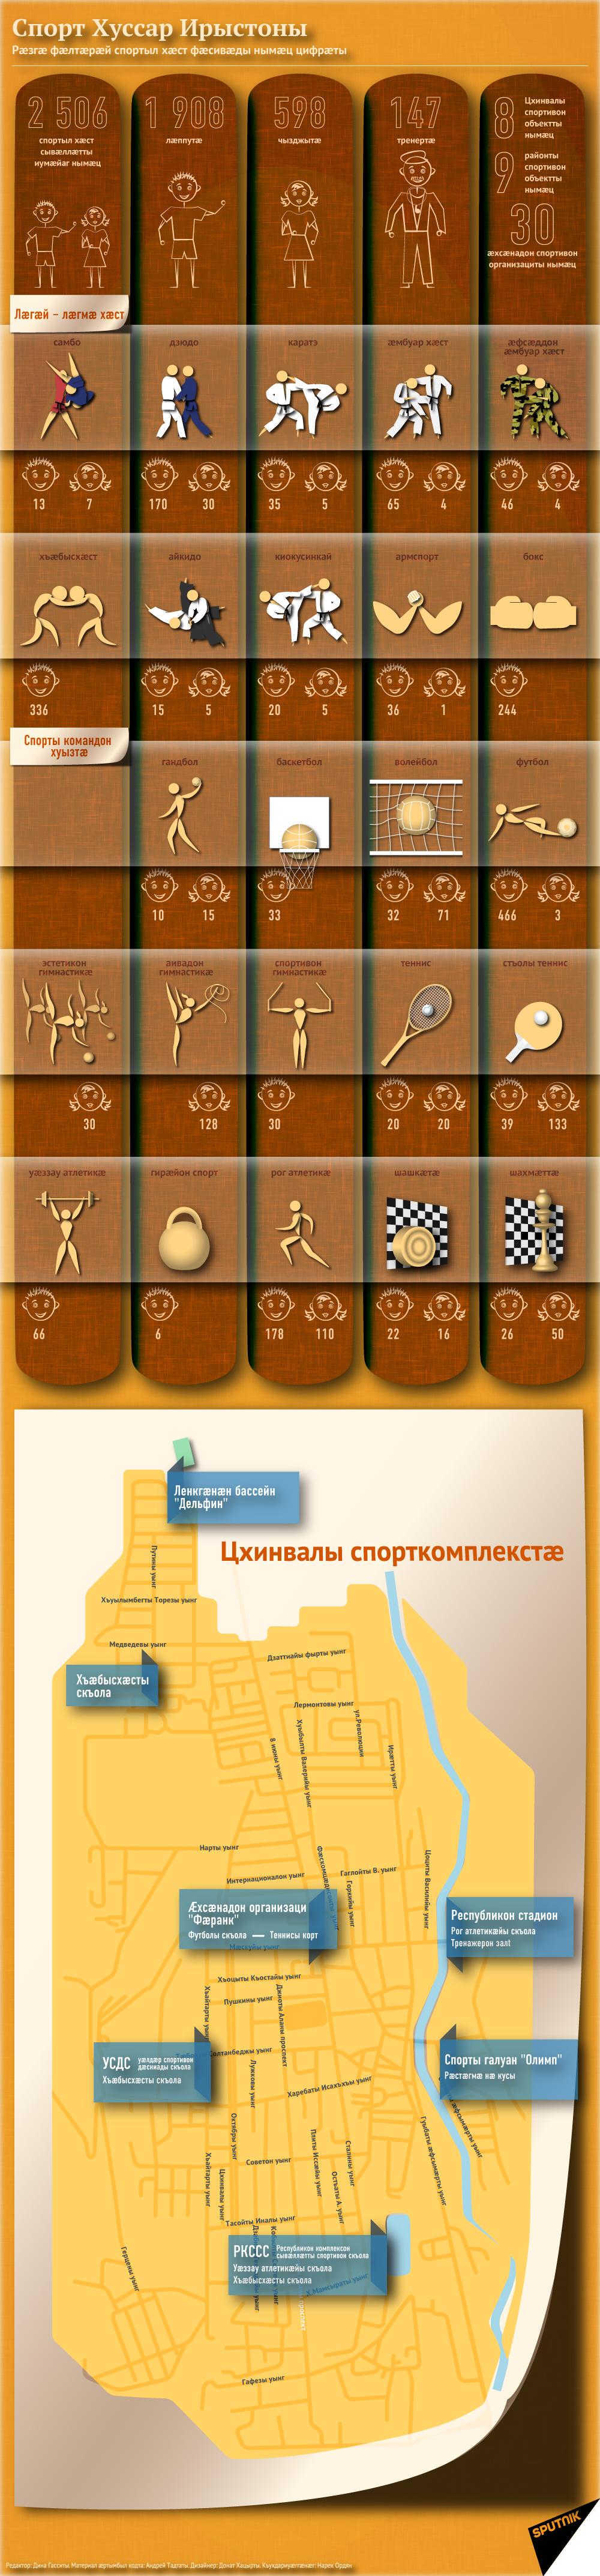 Спорт Хуссар Ирыстоны